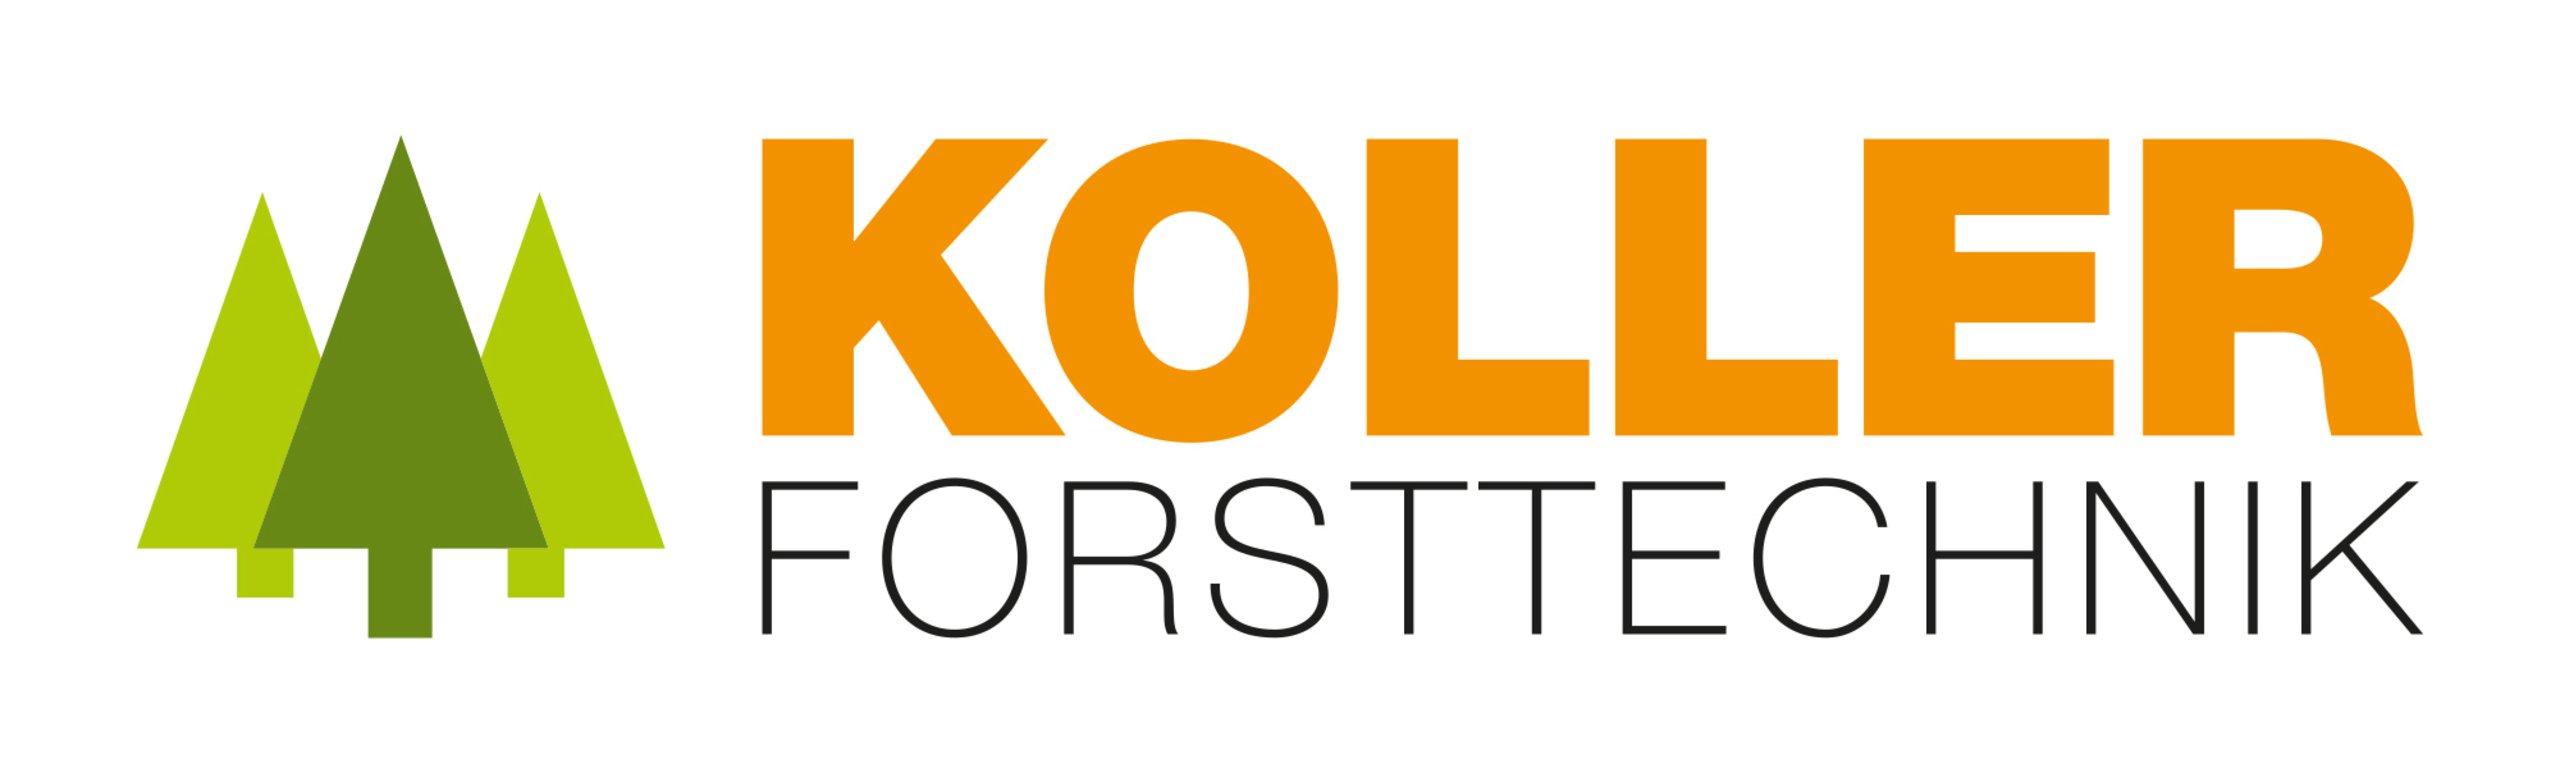 Koller Forsttechnik